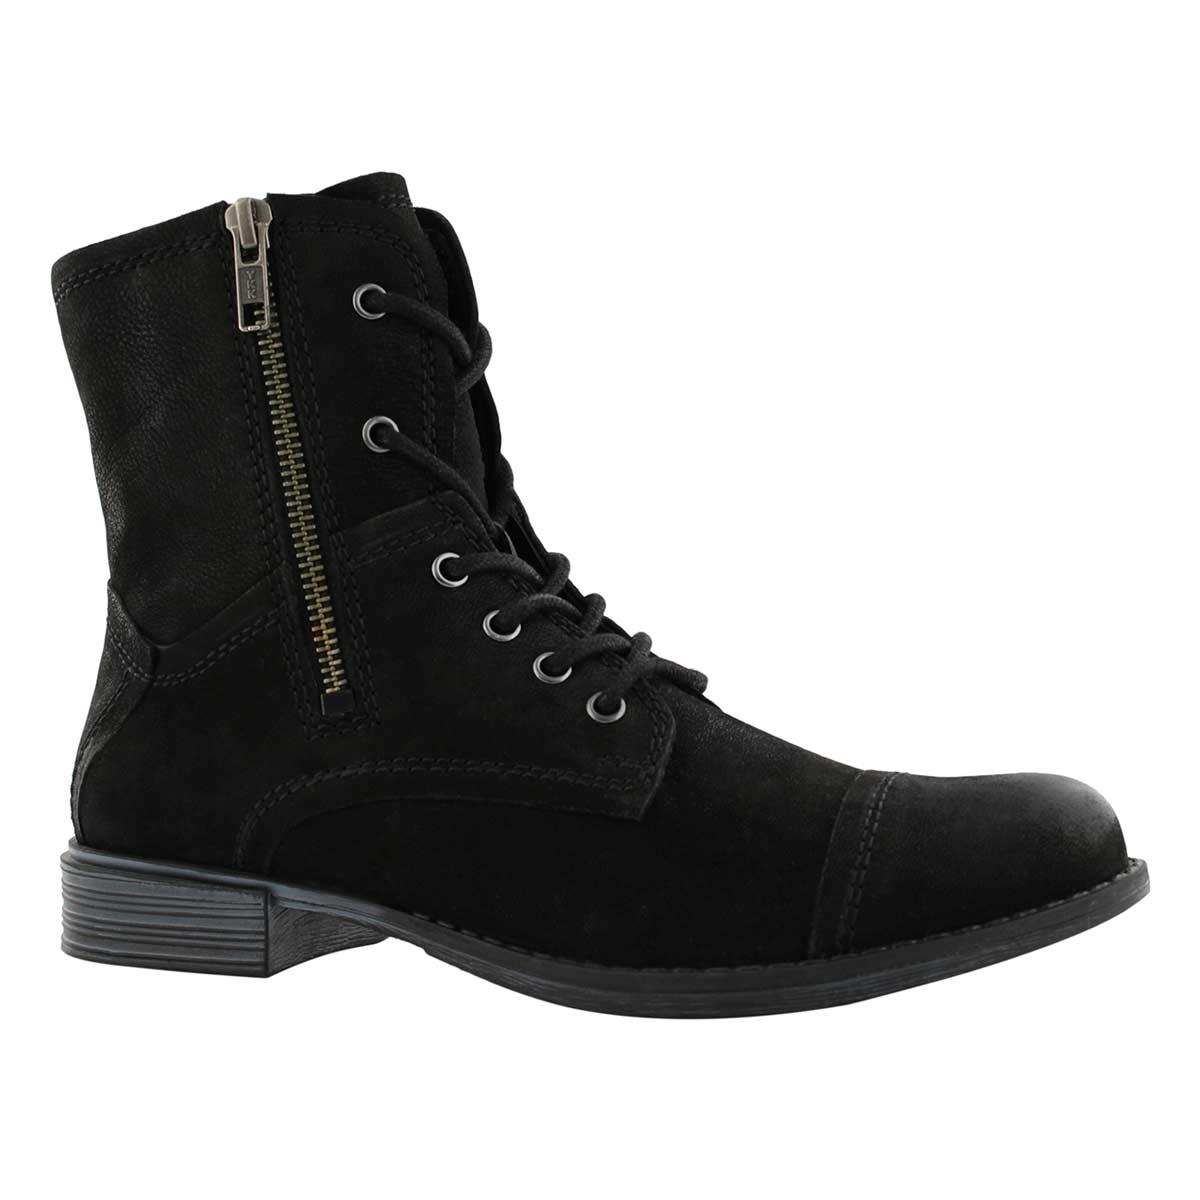 Lds Layla black side zip combat boot